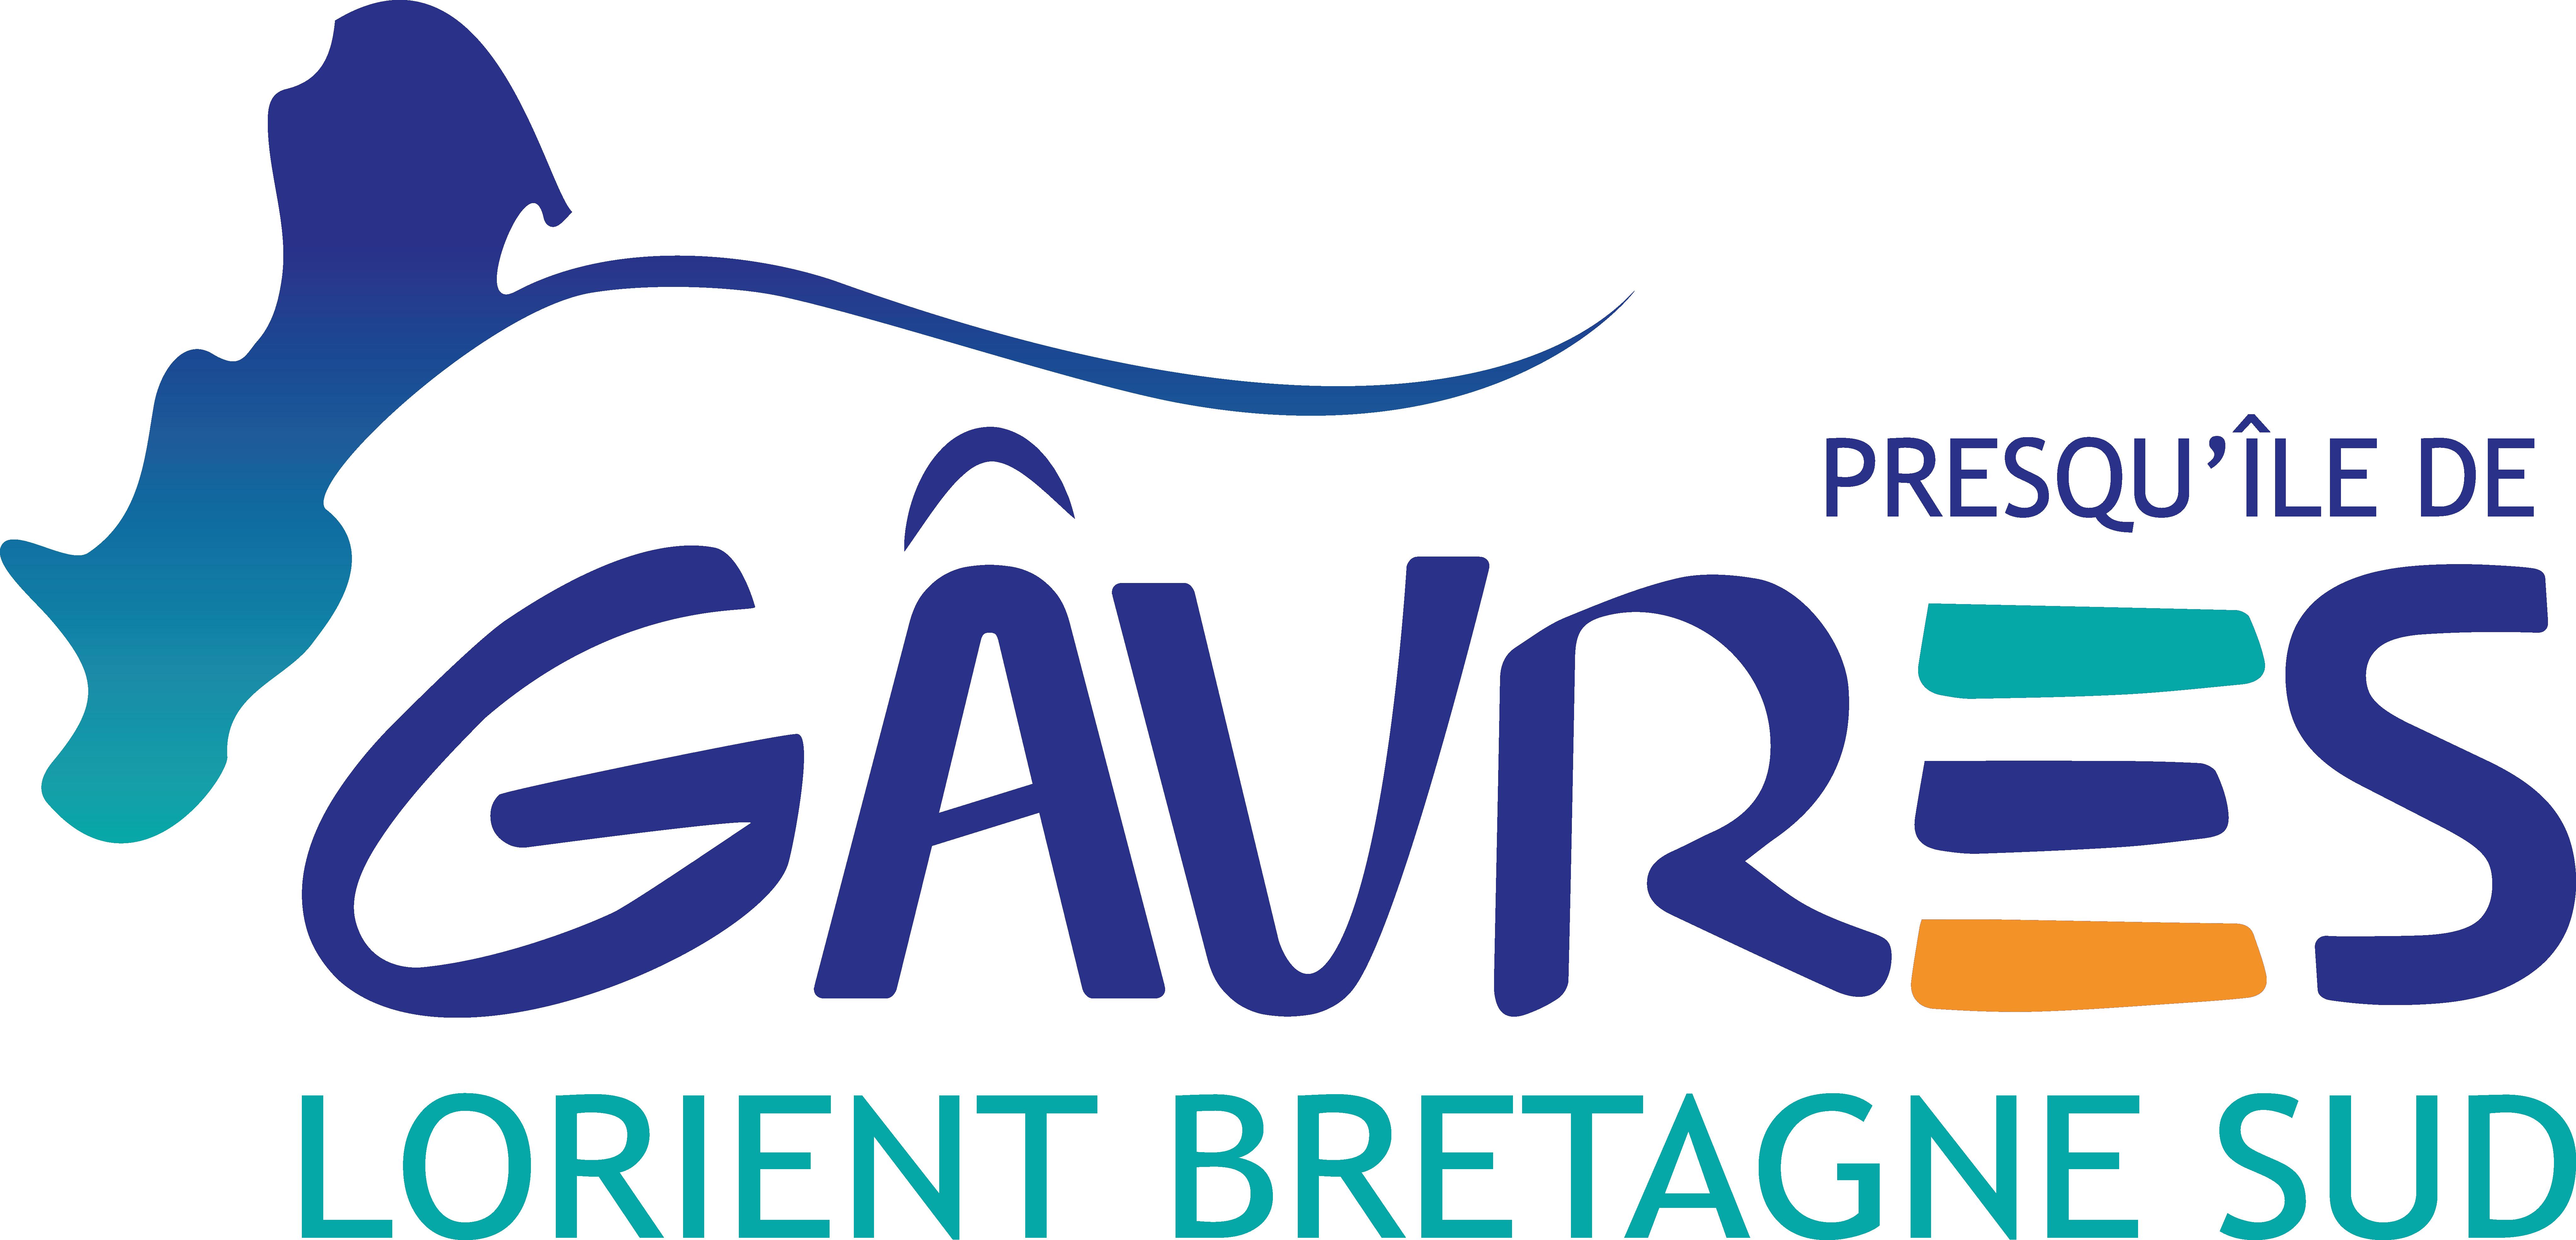 Logo Lorient Bretagne sud Gâvres